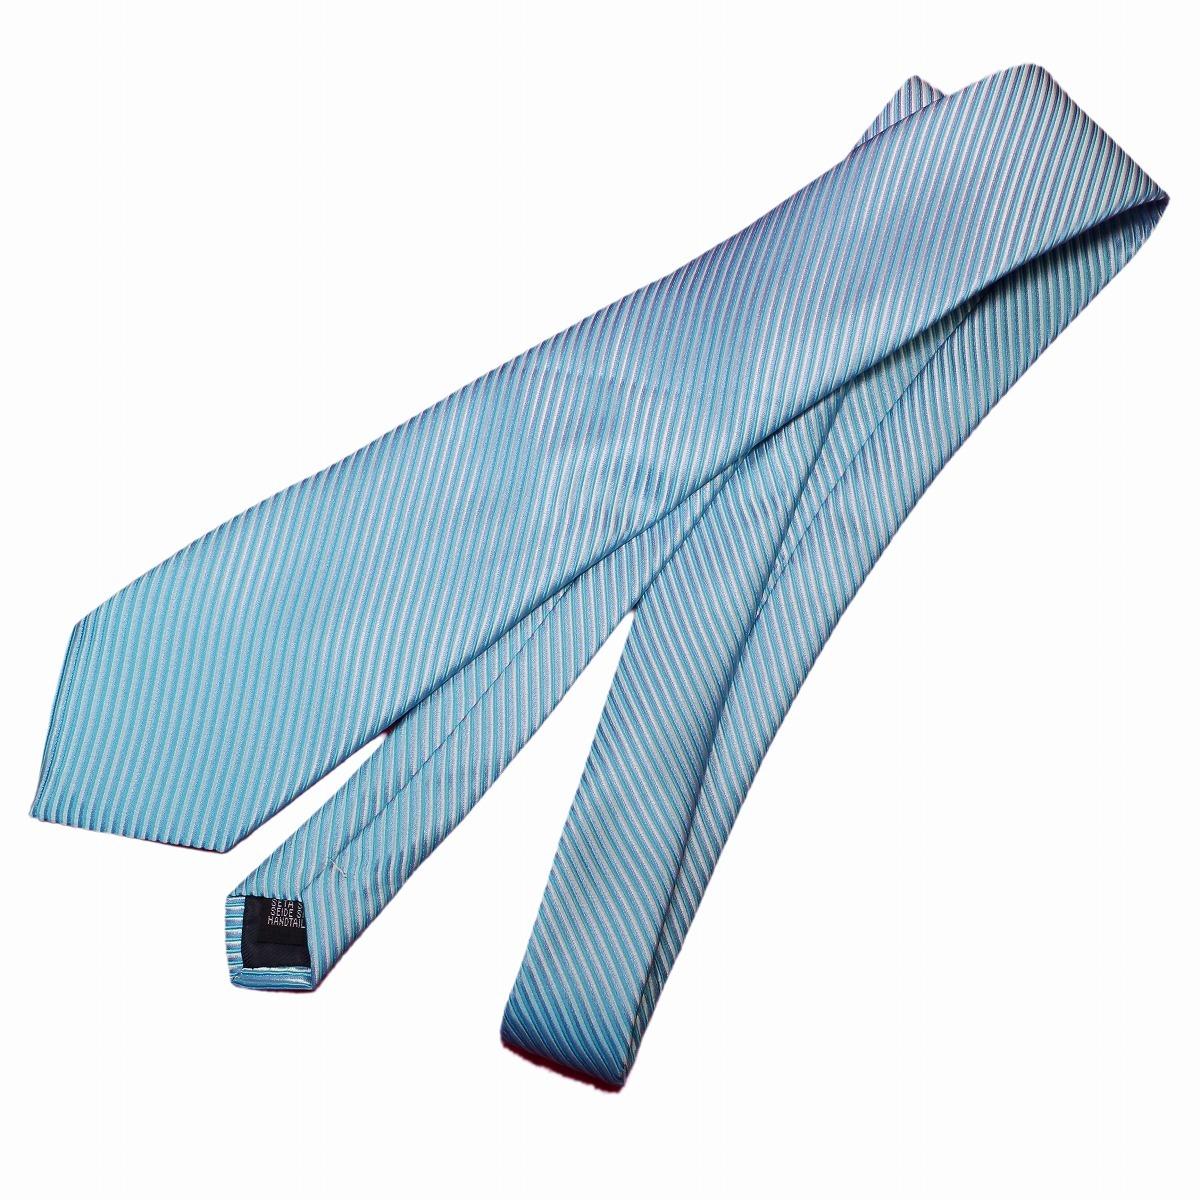 新品 ネクタイ 4点セット ポケットチーフ カフスボタン タイピン 水色系ストライブ 送料込み プレゼントにもおすすめ(11022)_画像4